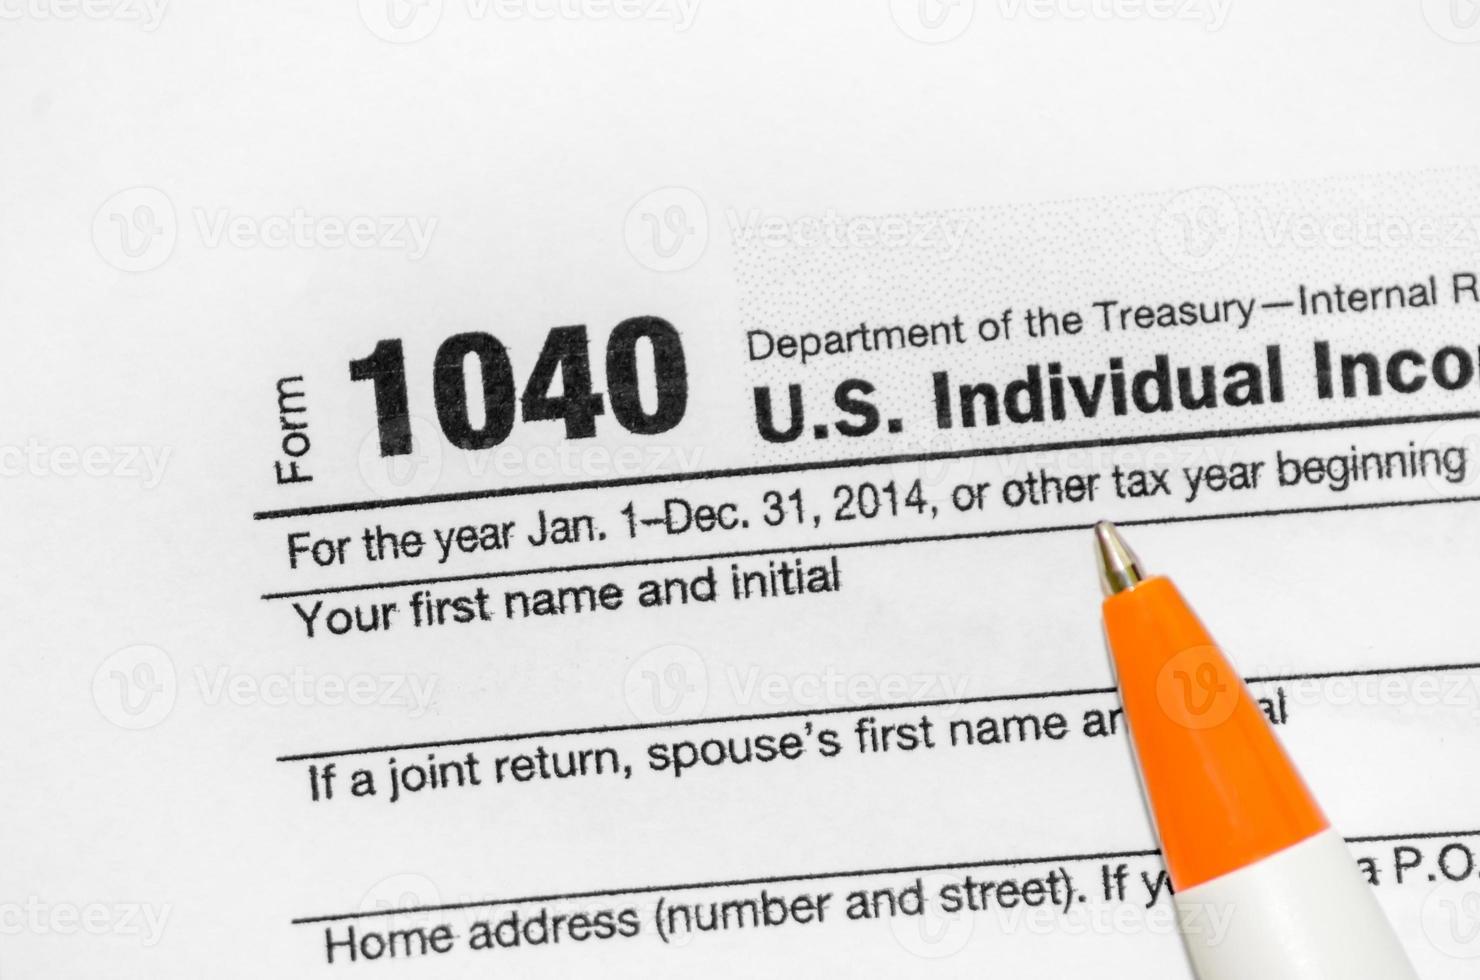 1040 noi modulo di dichiarazione dei redditi individuali foto